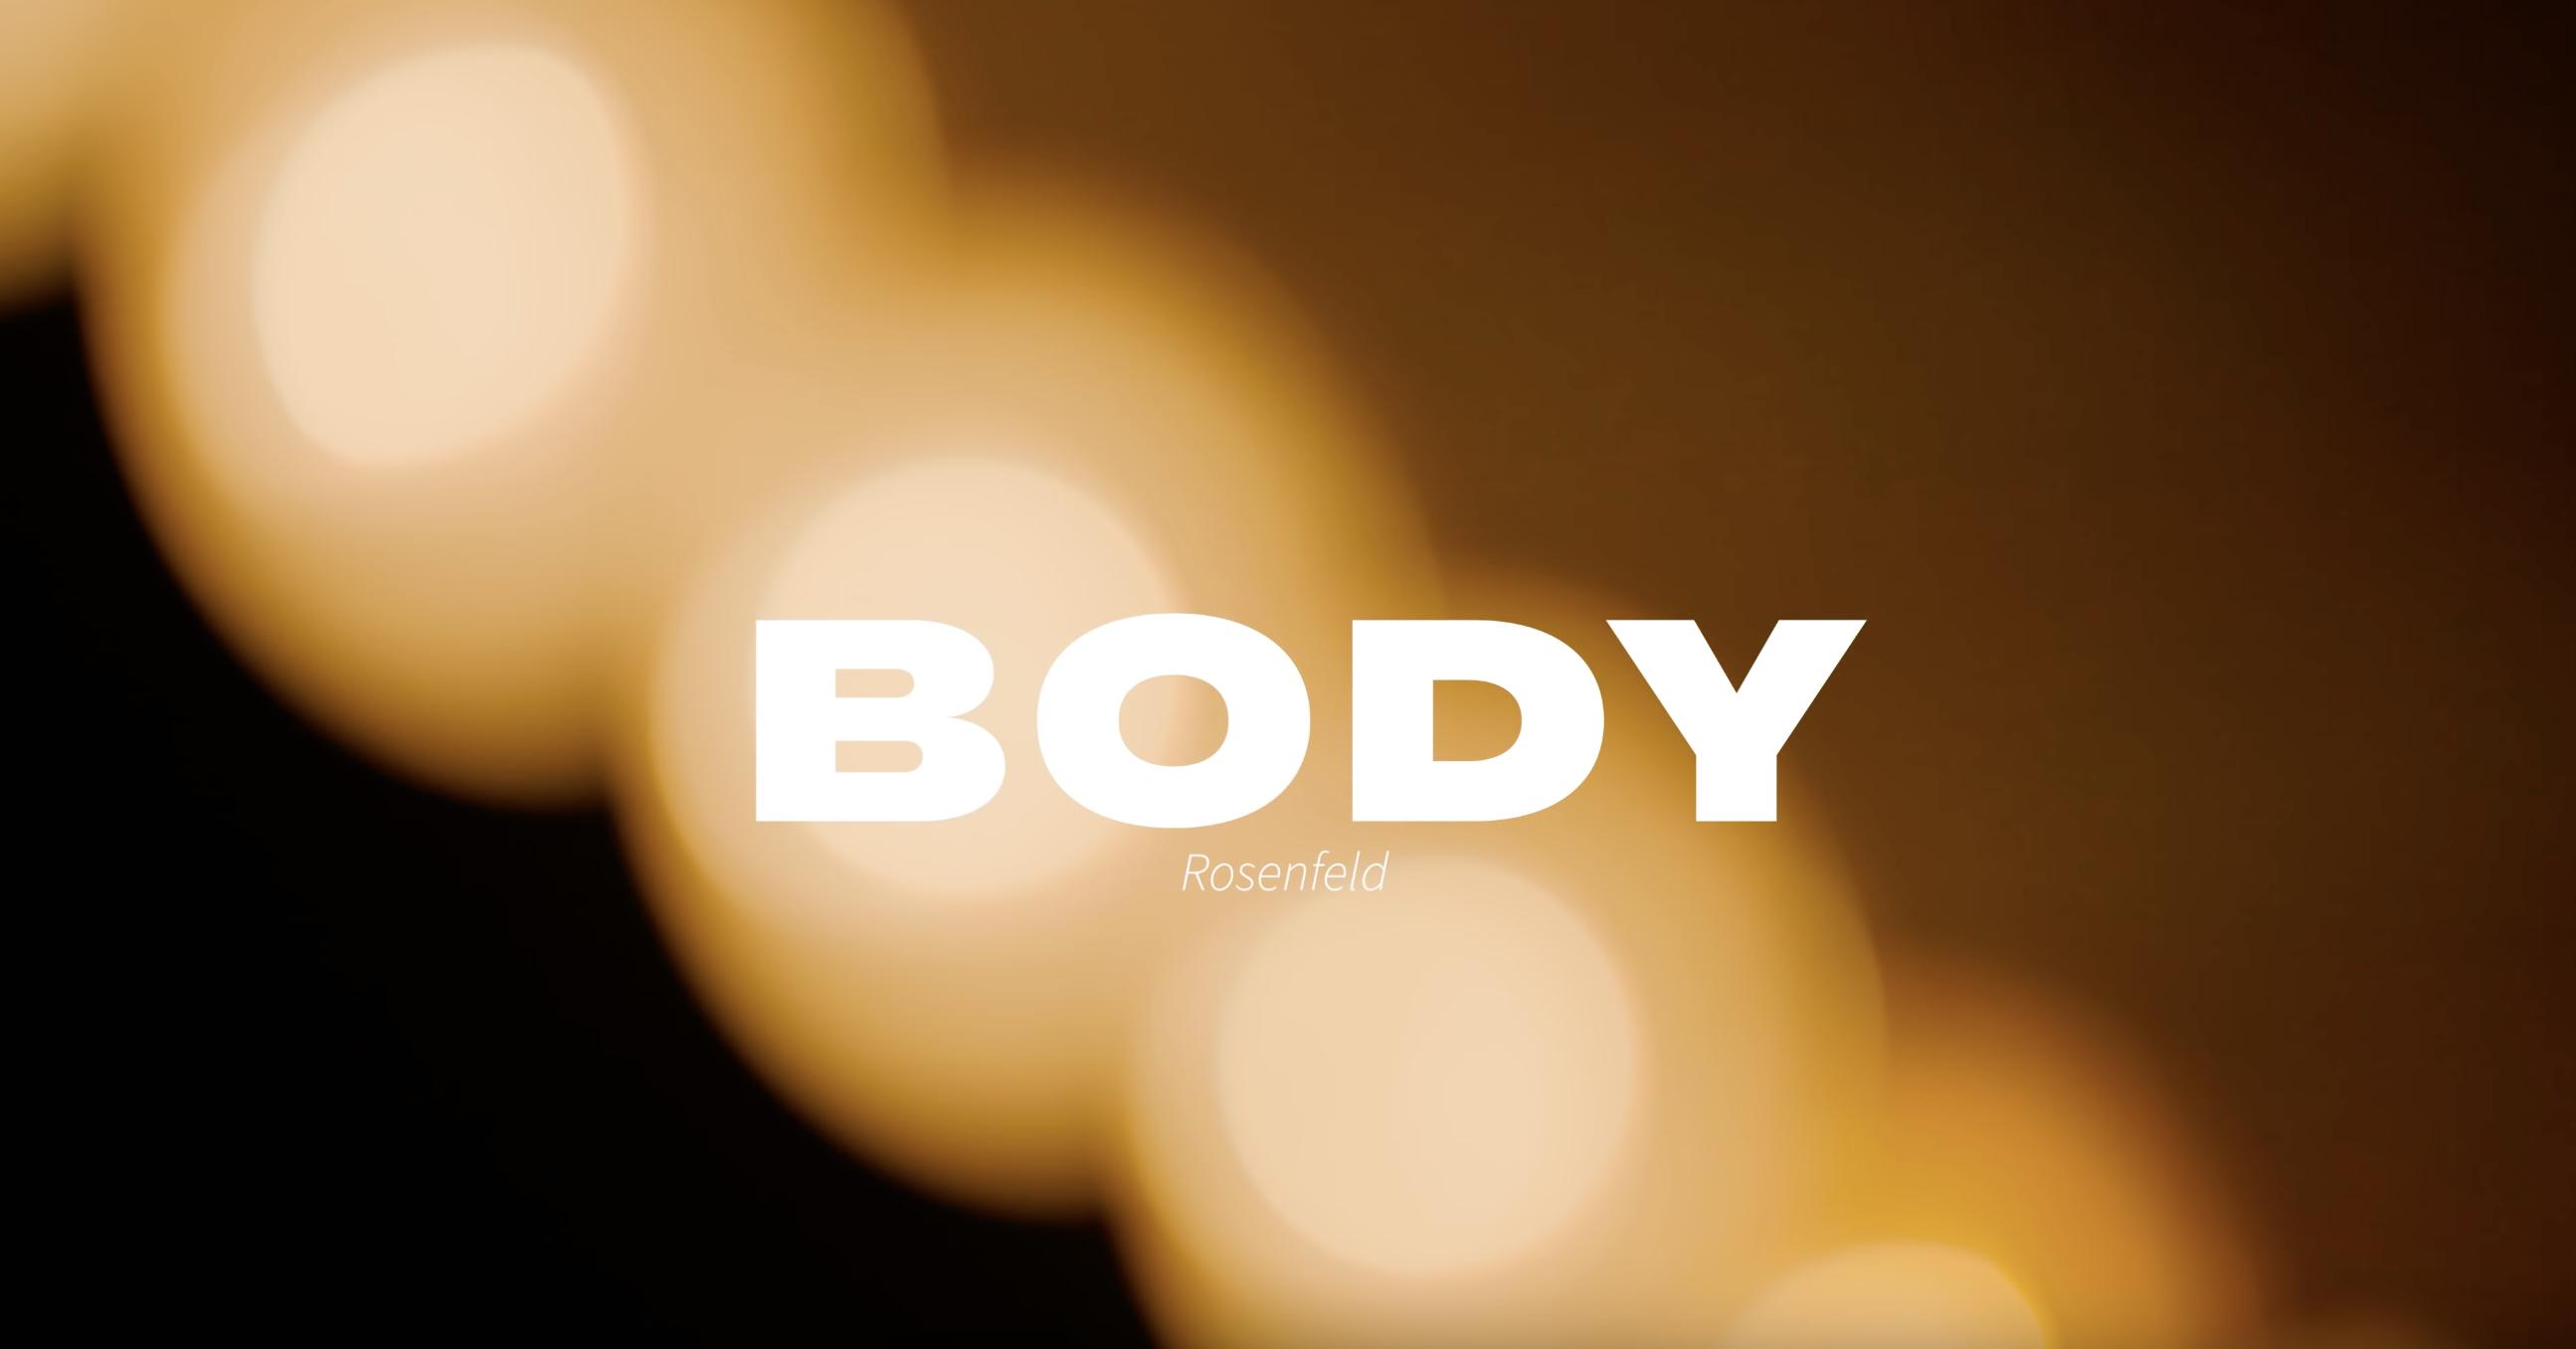 Rosenfeld – Body